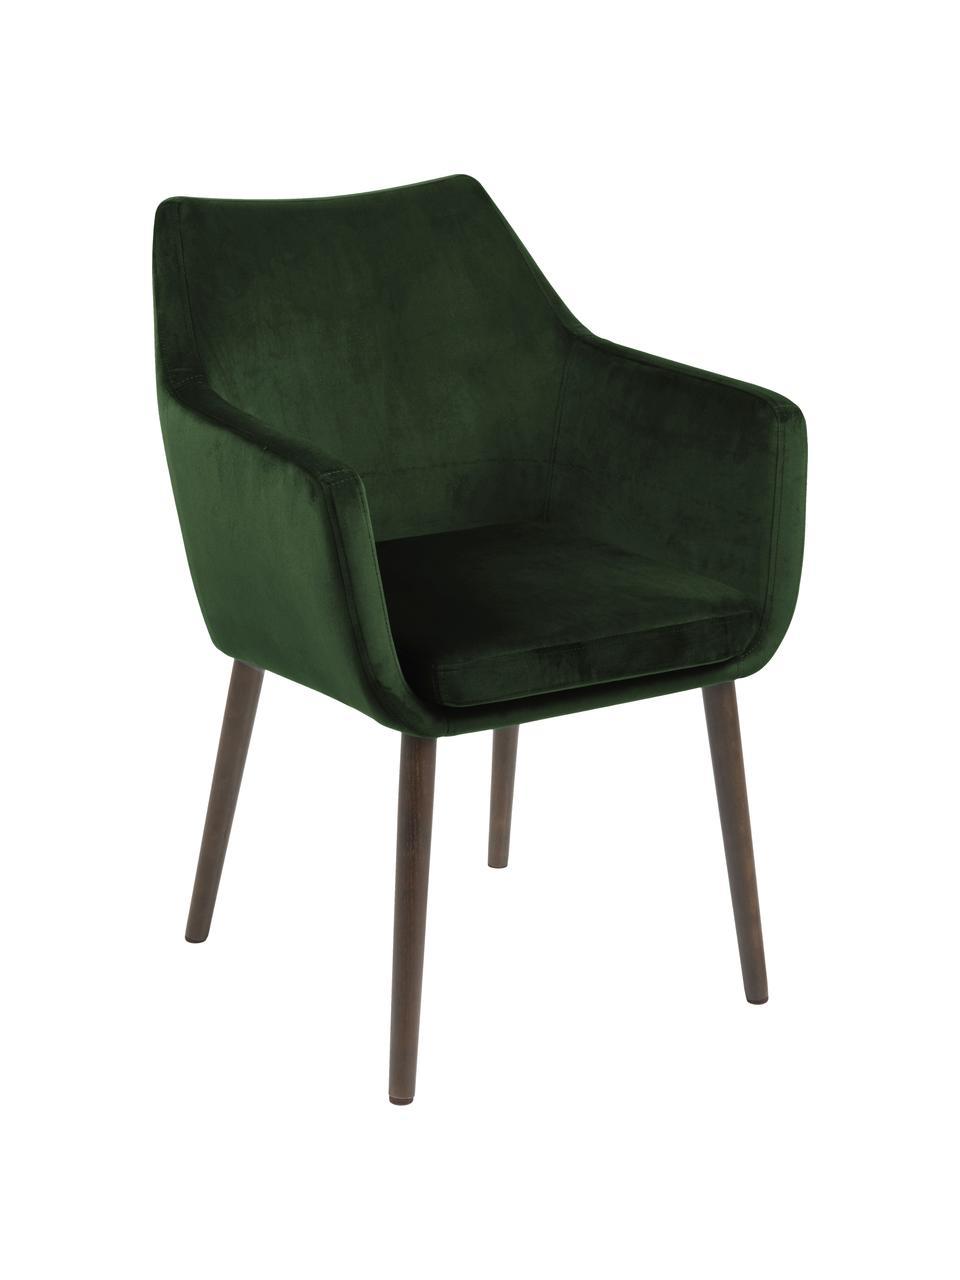 Krzesło z podłokietnikami z aksamitu Nora, Tapicerka: aksamit poliestrowy Dzięk, Nogi: drewno dębowe, bejcowane, Aksamitny leśny zielony, nogi: ciemny brązowy, S 58 x G 58 cm